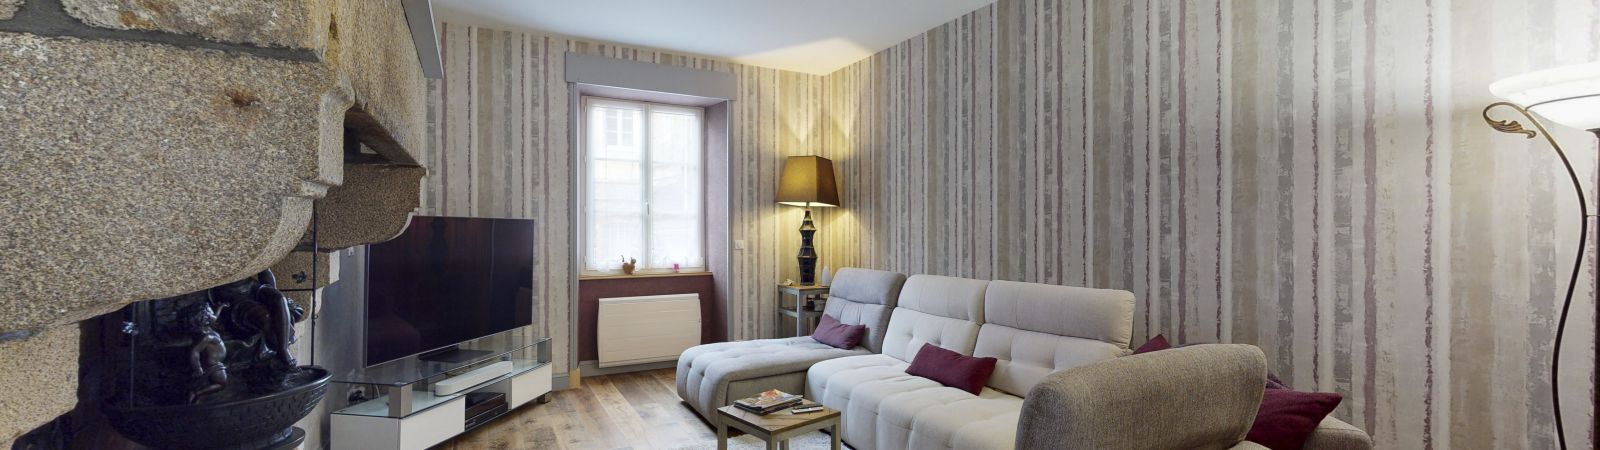 photo 4: Appartement d'exception au coeur de Saint-Servan